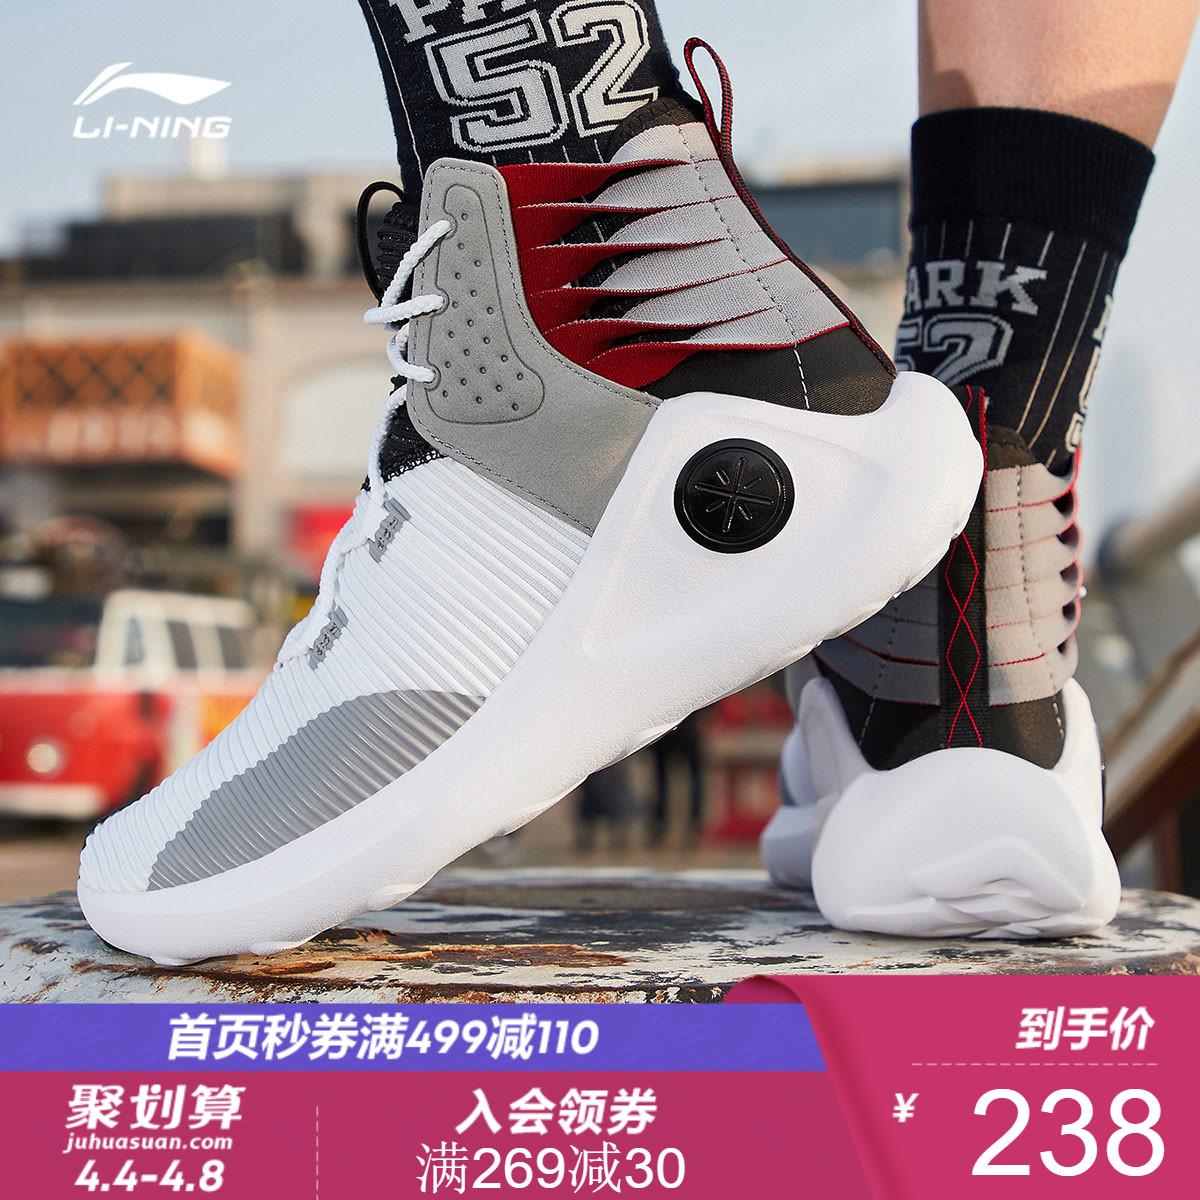 LN李宁休闲鞋男鞋悟道潮流时尚男鞋轻便舒适男子耐磨高帮运动鞋